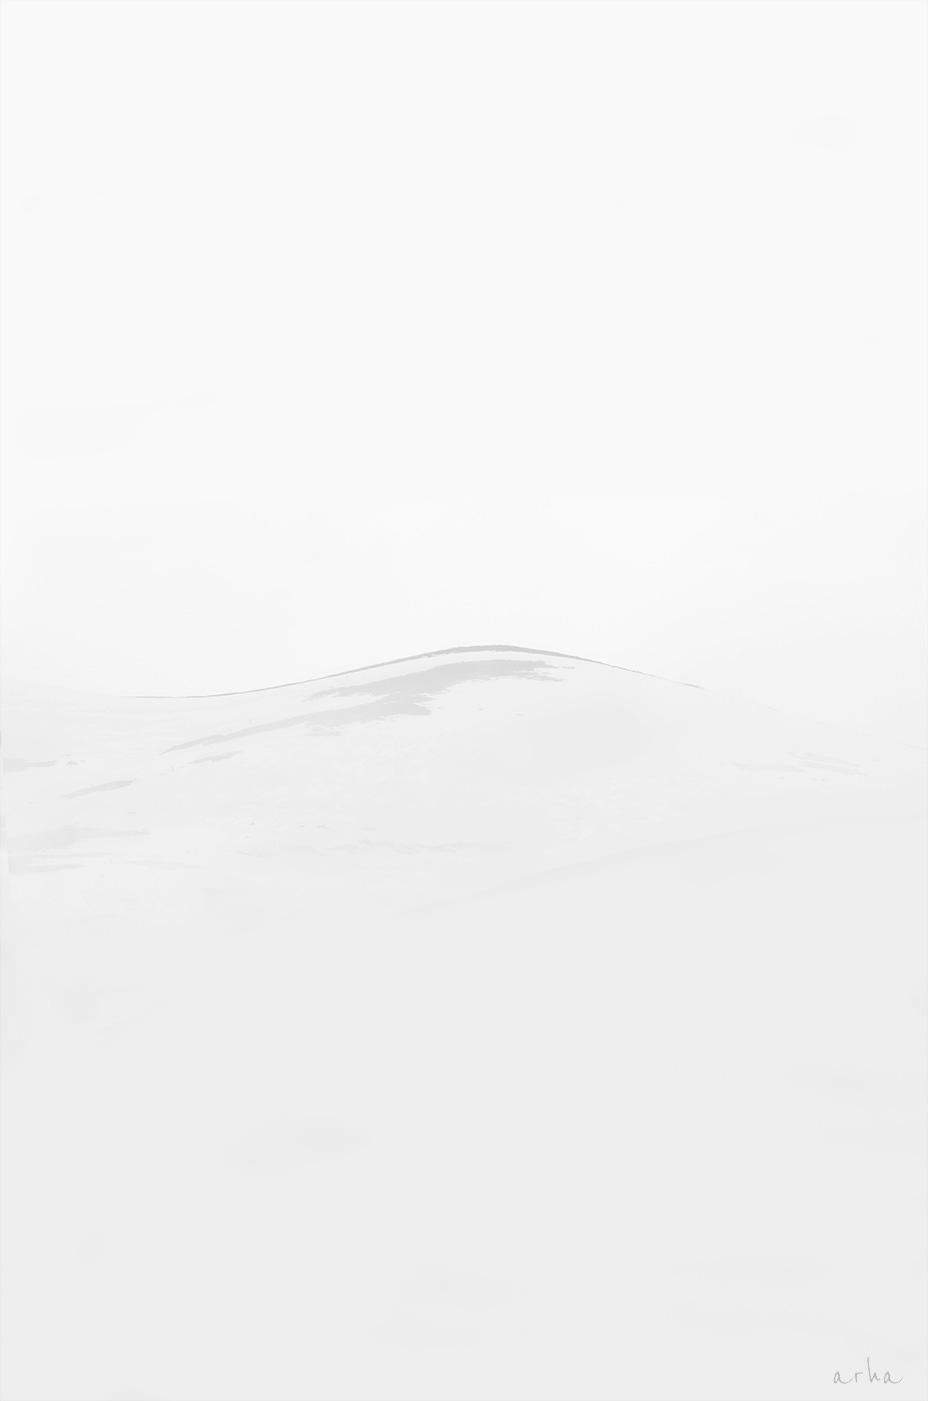 Ridge-minimalism-copyright-2012-arha-Tomomichi-Morifuji